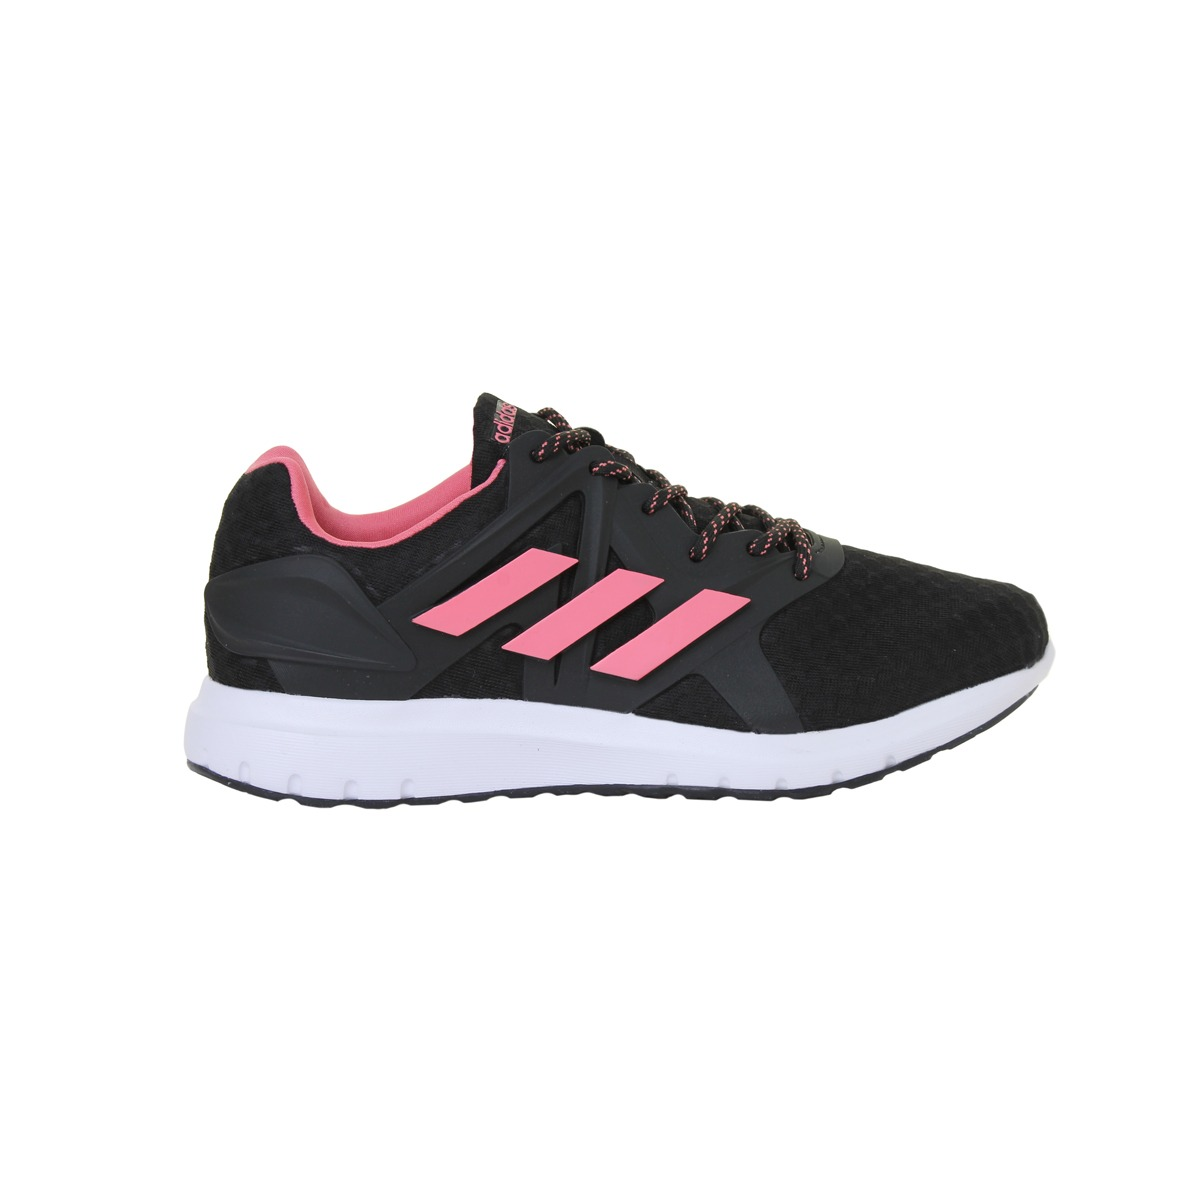 fa8755b14 zapatillas adidas running starlux w mujer ng ng. Cargando zoom.